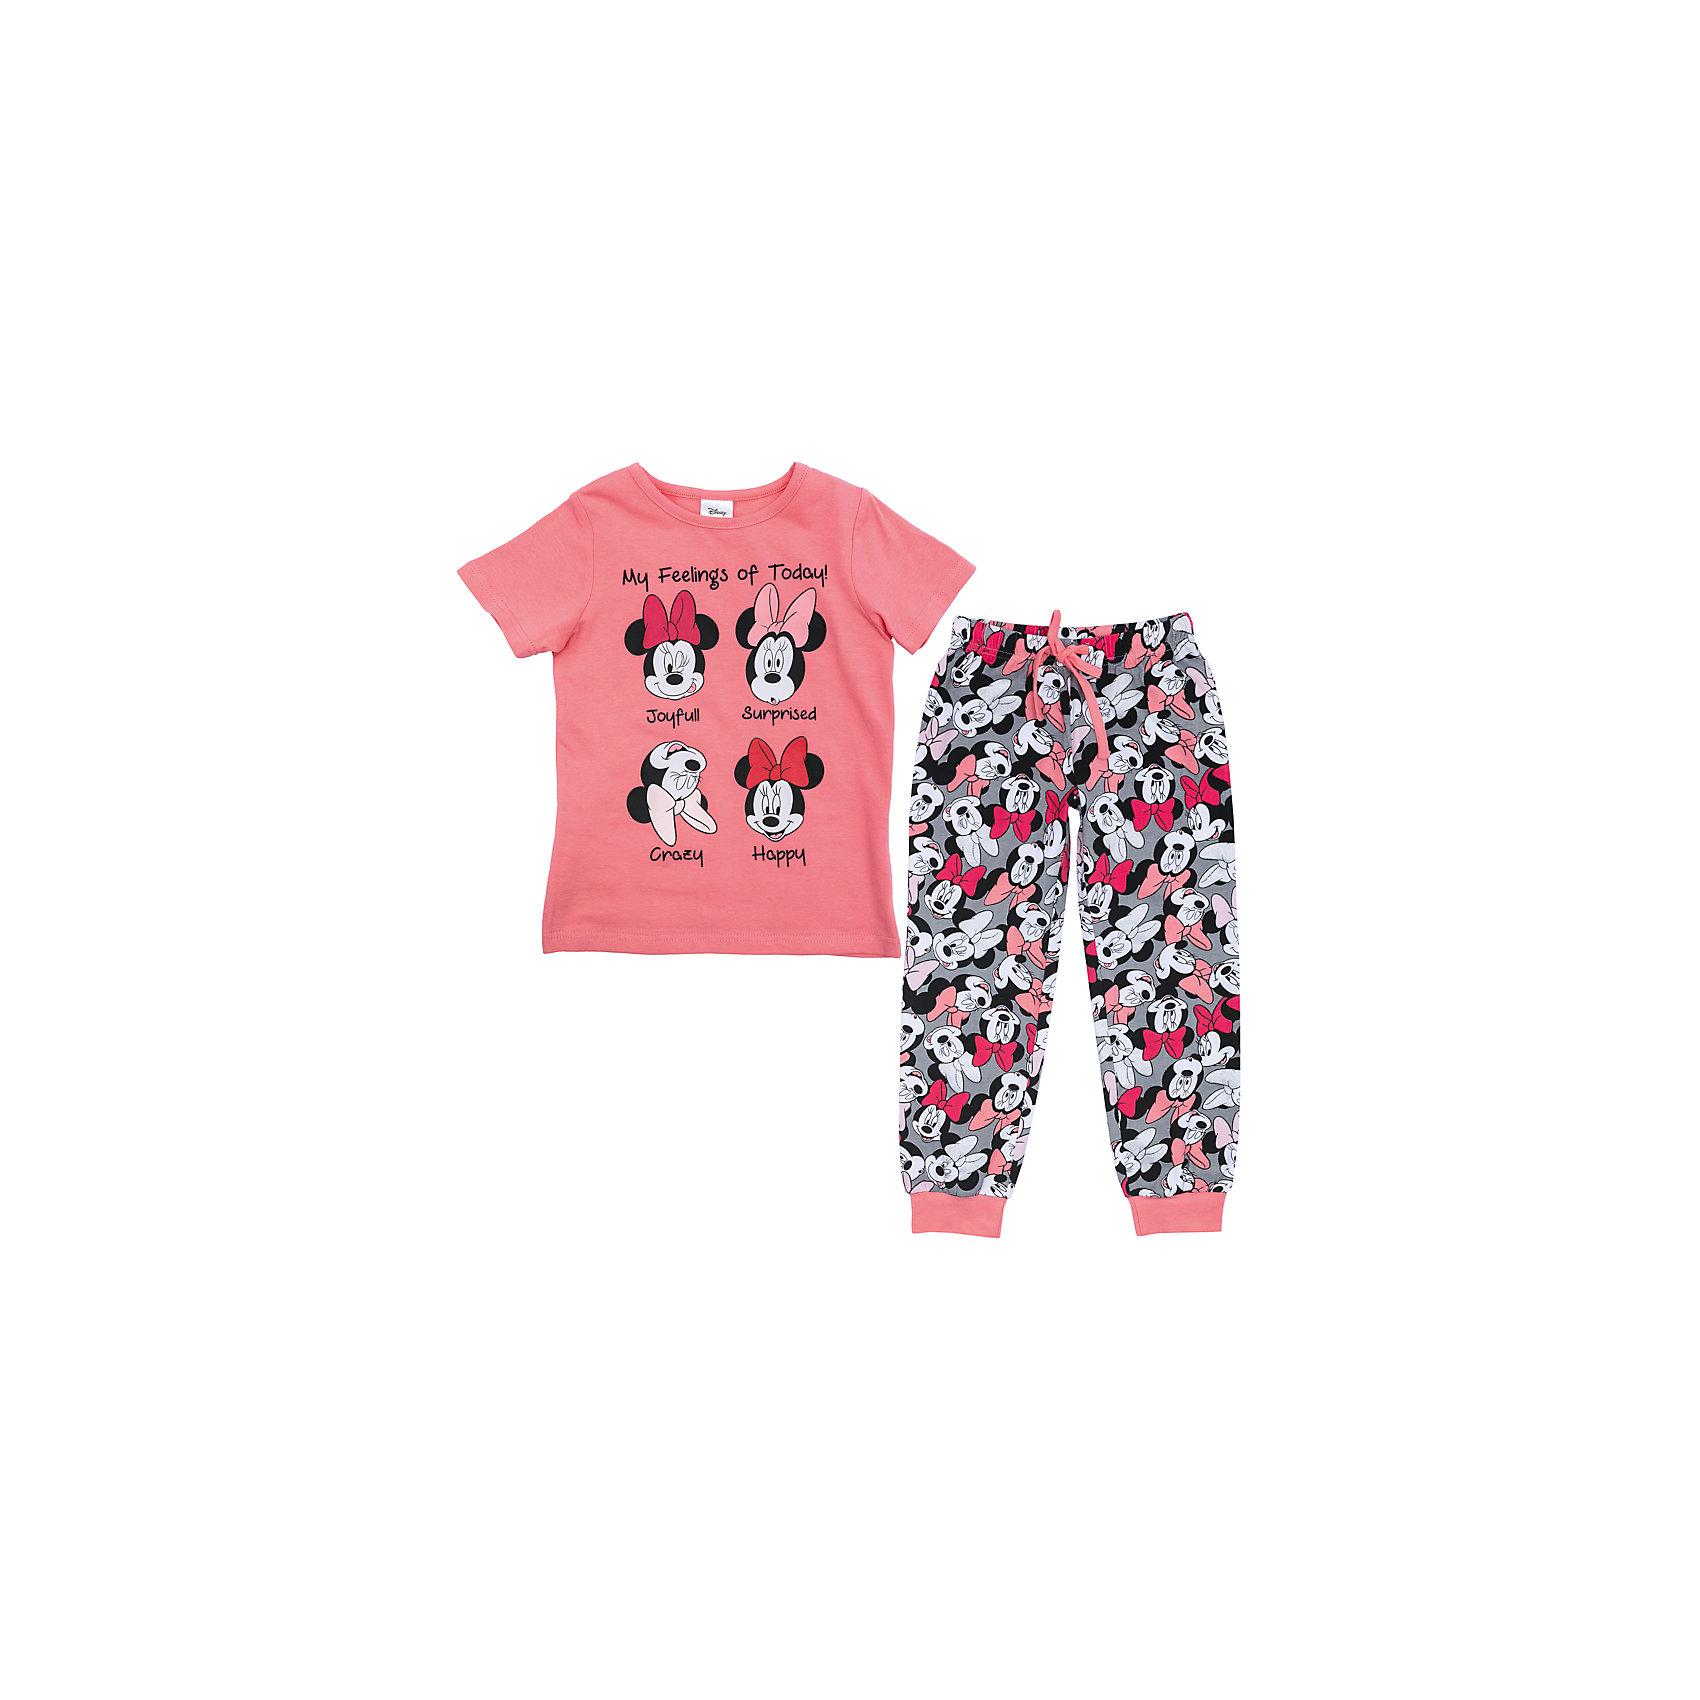 Пижама для девочки PlayTodayКомплекты<br>Пижама для девочки PlayToday<br>Комплект из футболки и брюк прекрасно подойдет для домашнего использования. Мягкий, приятный к телу, материал не сковывает движений. Яркий стильный лицензированный принт Disney  является достойным украшением данного изделия. Леггинсы на мягкой удобной резинке, со шнуром - кулиской на поясе.Преимущества: Свободный классический крой не сковывает движения ребенкаПодходит в качестве базовой вещи для повседневного гардеробаЯркий стильный лицензированный принт Disney<br>Состав:<br>95% хлопок, 5% эластан<br><br>Ширина мм: 199<br>Глубина мм: 10<br>Высота мм: 161<br>Вес г: 151<br>Цвет: разноцветный<br>Возраст от месяцев: 84<br>Возраст до месяцев: 96<br>Пол: Женский<br>Возраст: Детский<br>Размер: 128,98,104,110,116,122<br>SKU: 5403977